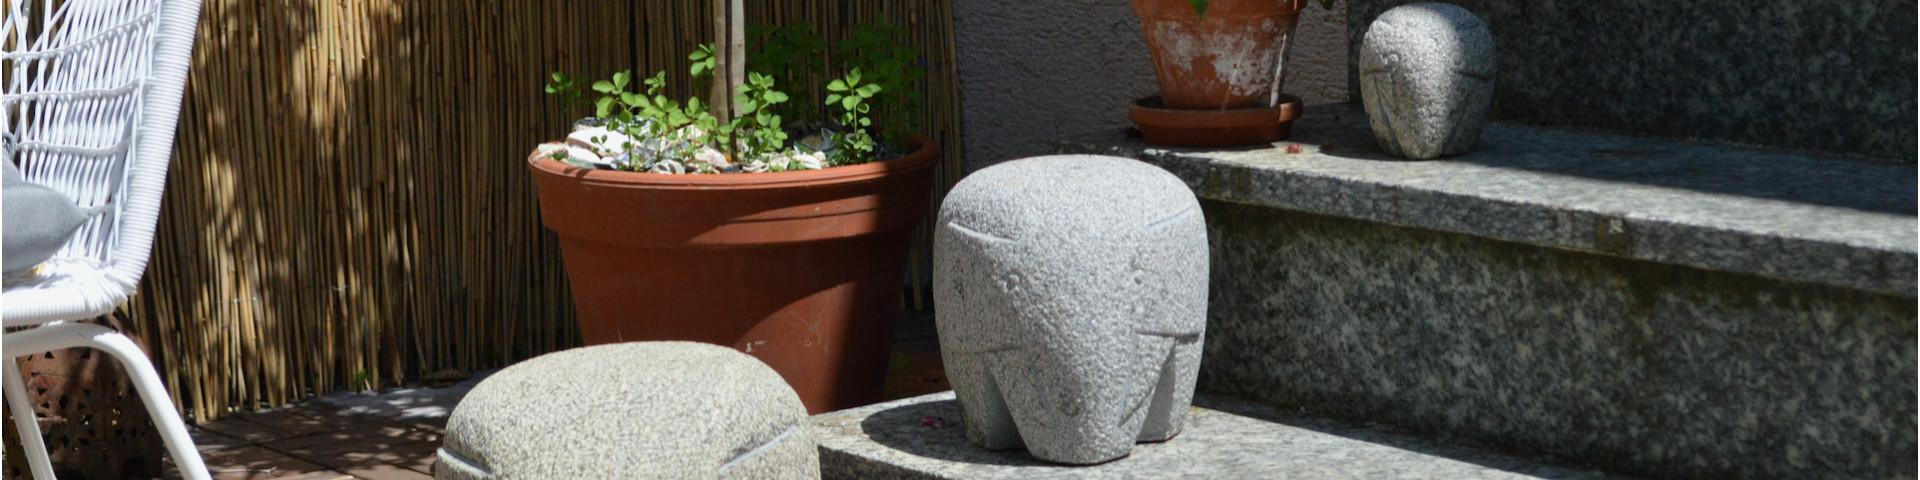 Elefantenfiguren aus Naturstein für Garten, Terrasse und Balkon kaufen